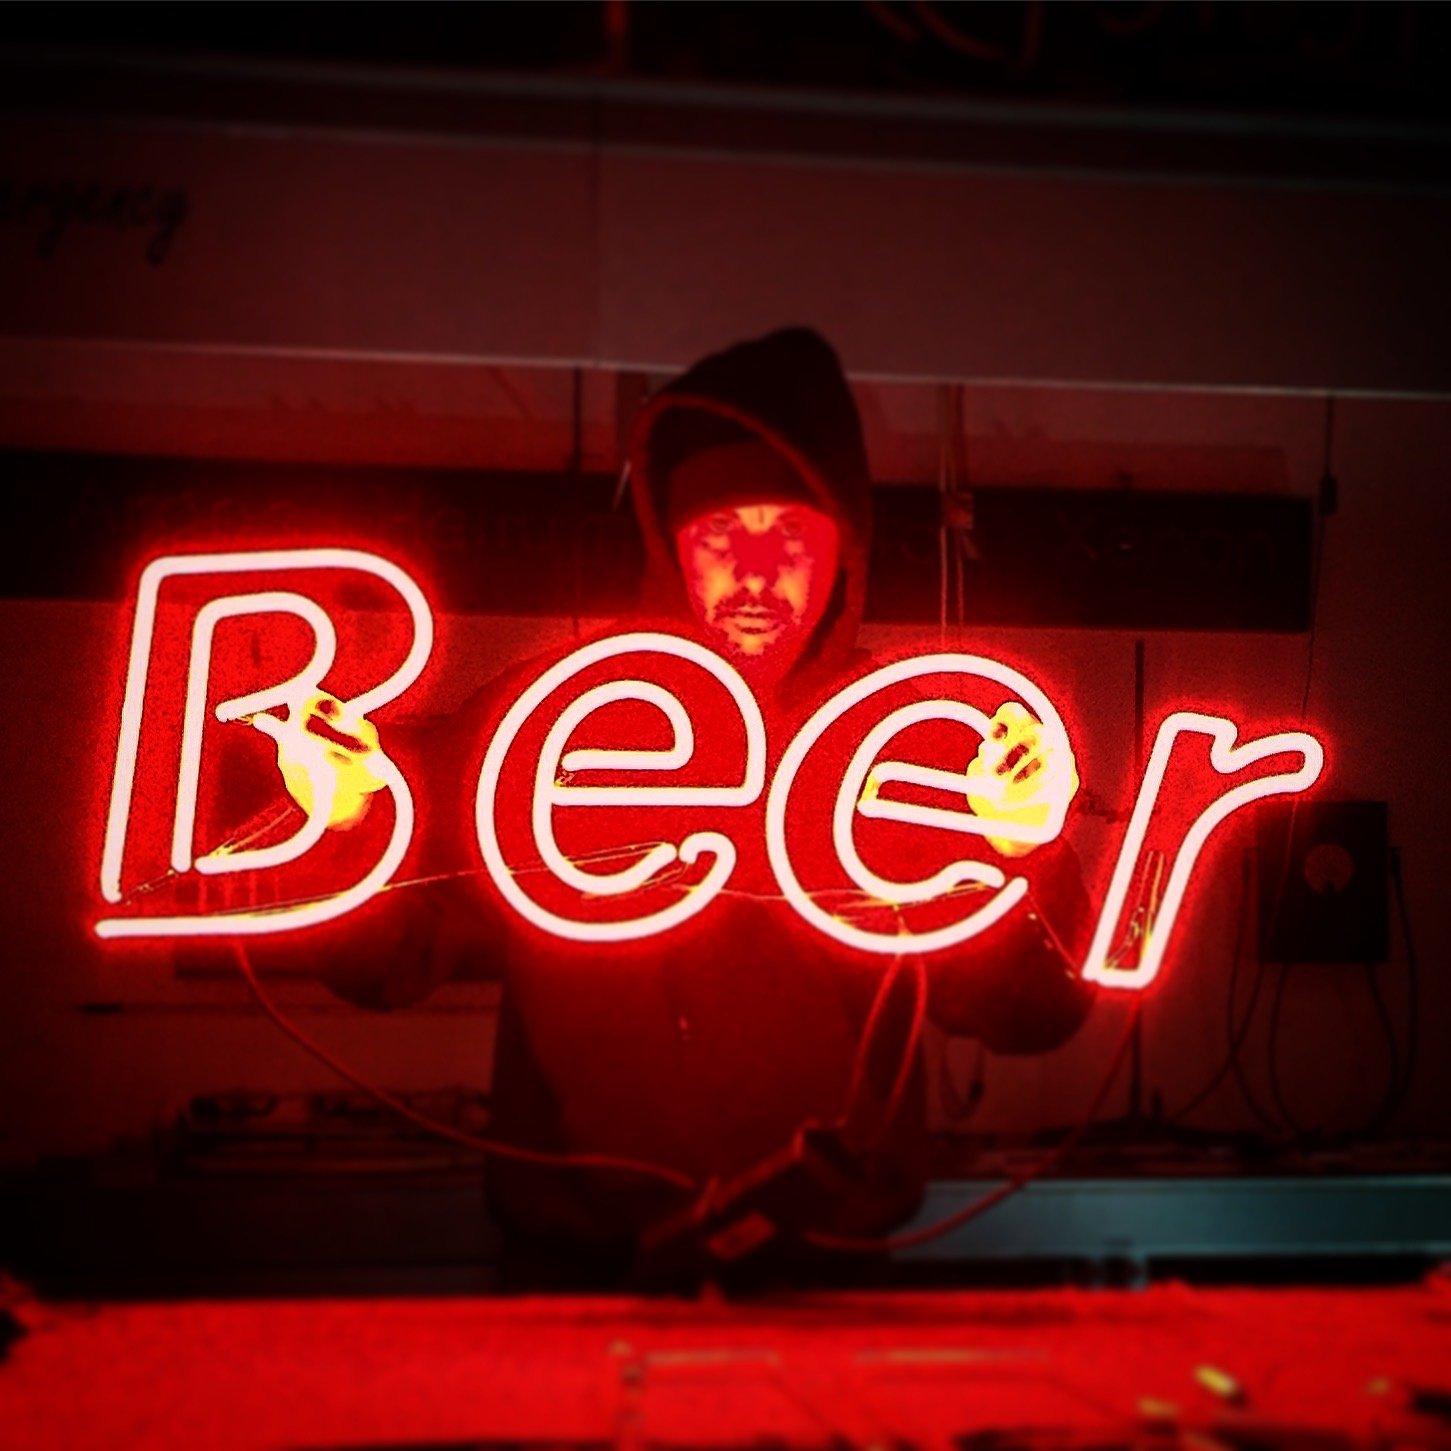 https://0201.nccdn.net/4_2/000/000/023/130/beer-1451x1451.jpg